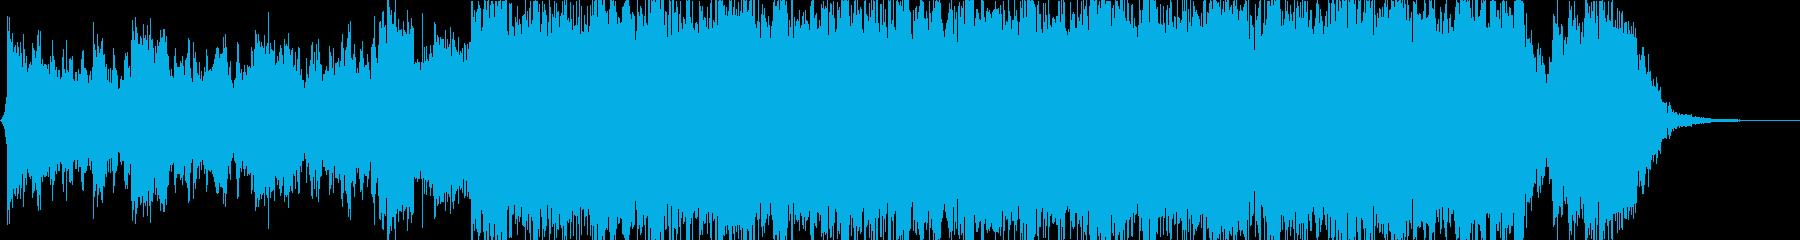 Horizon XIの再生済みの波形